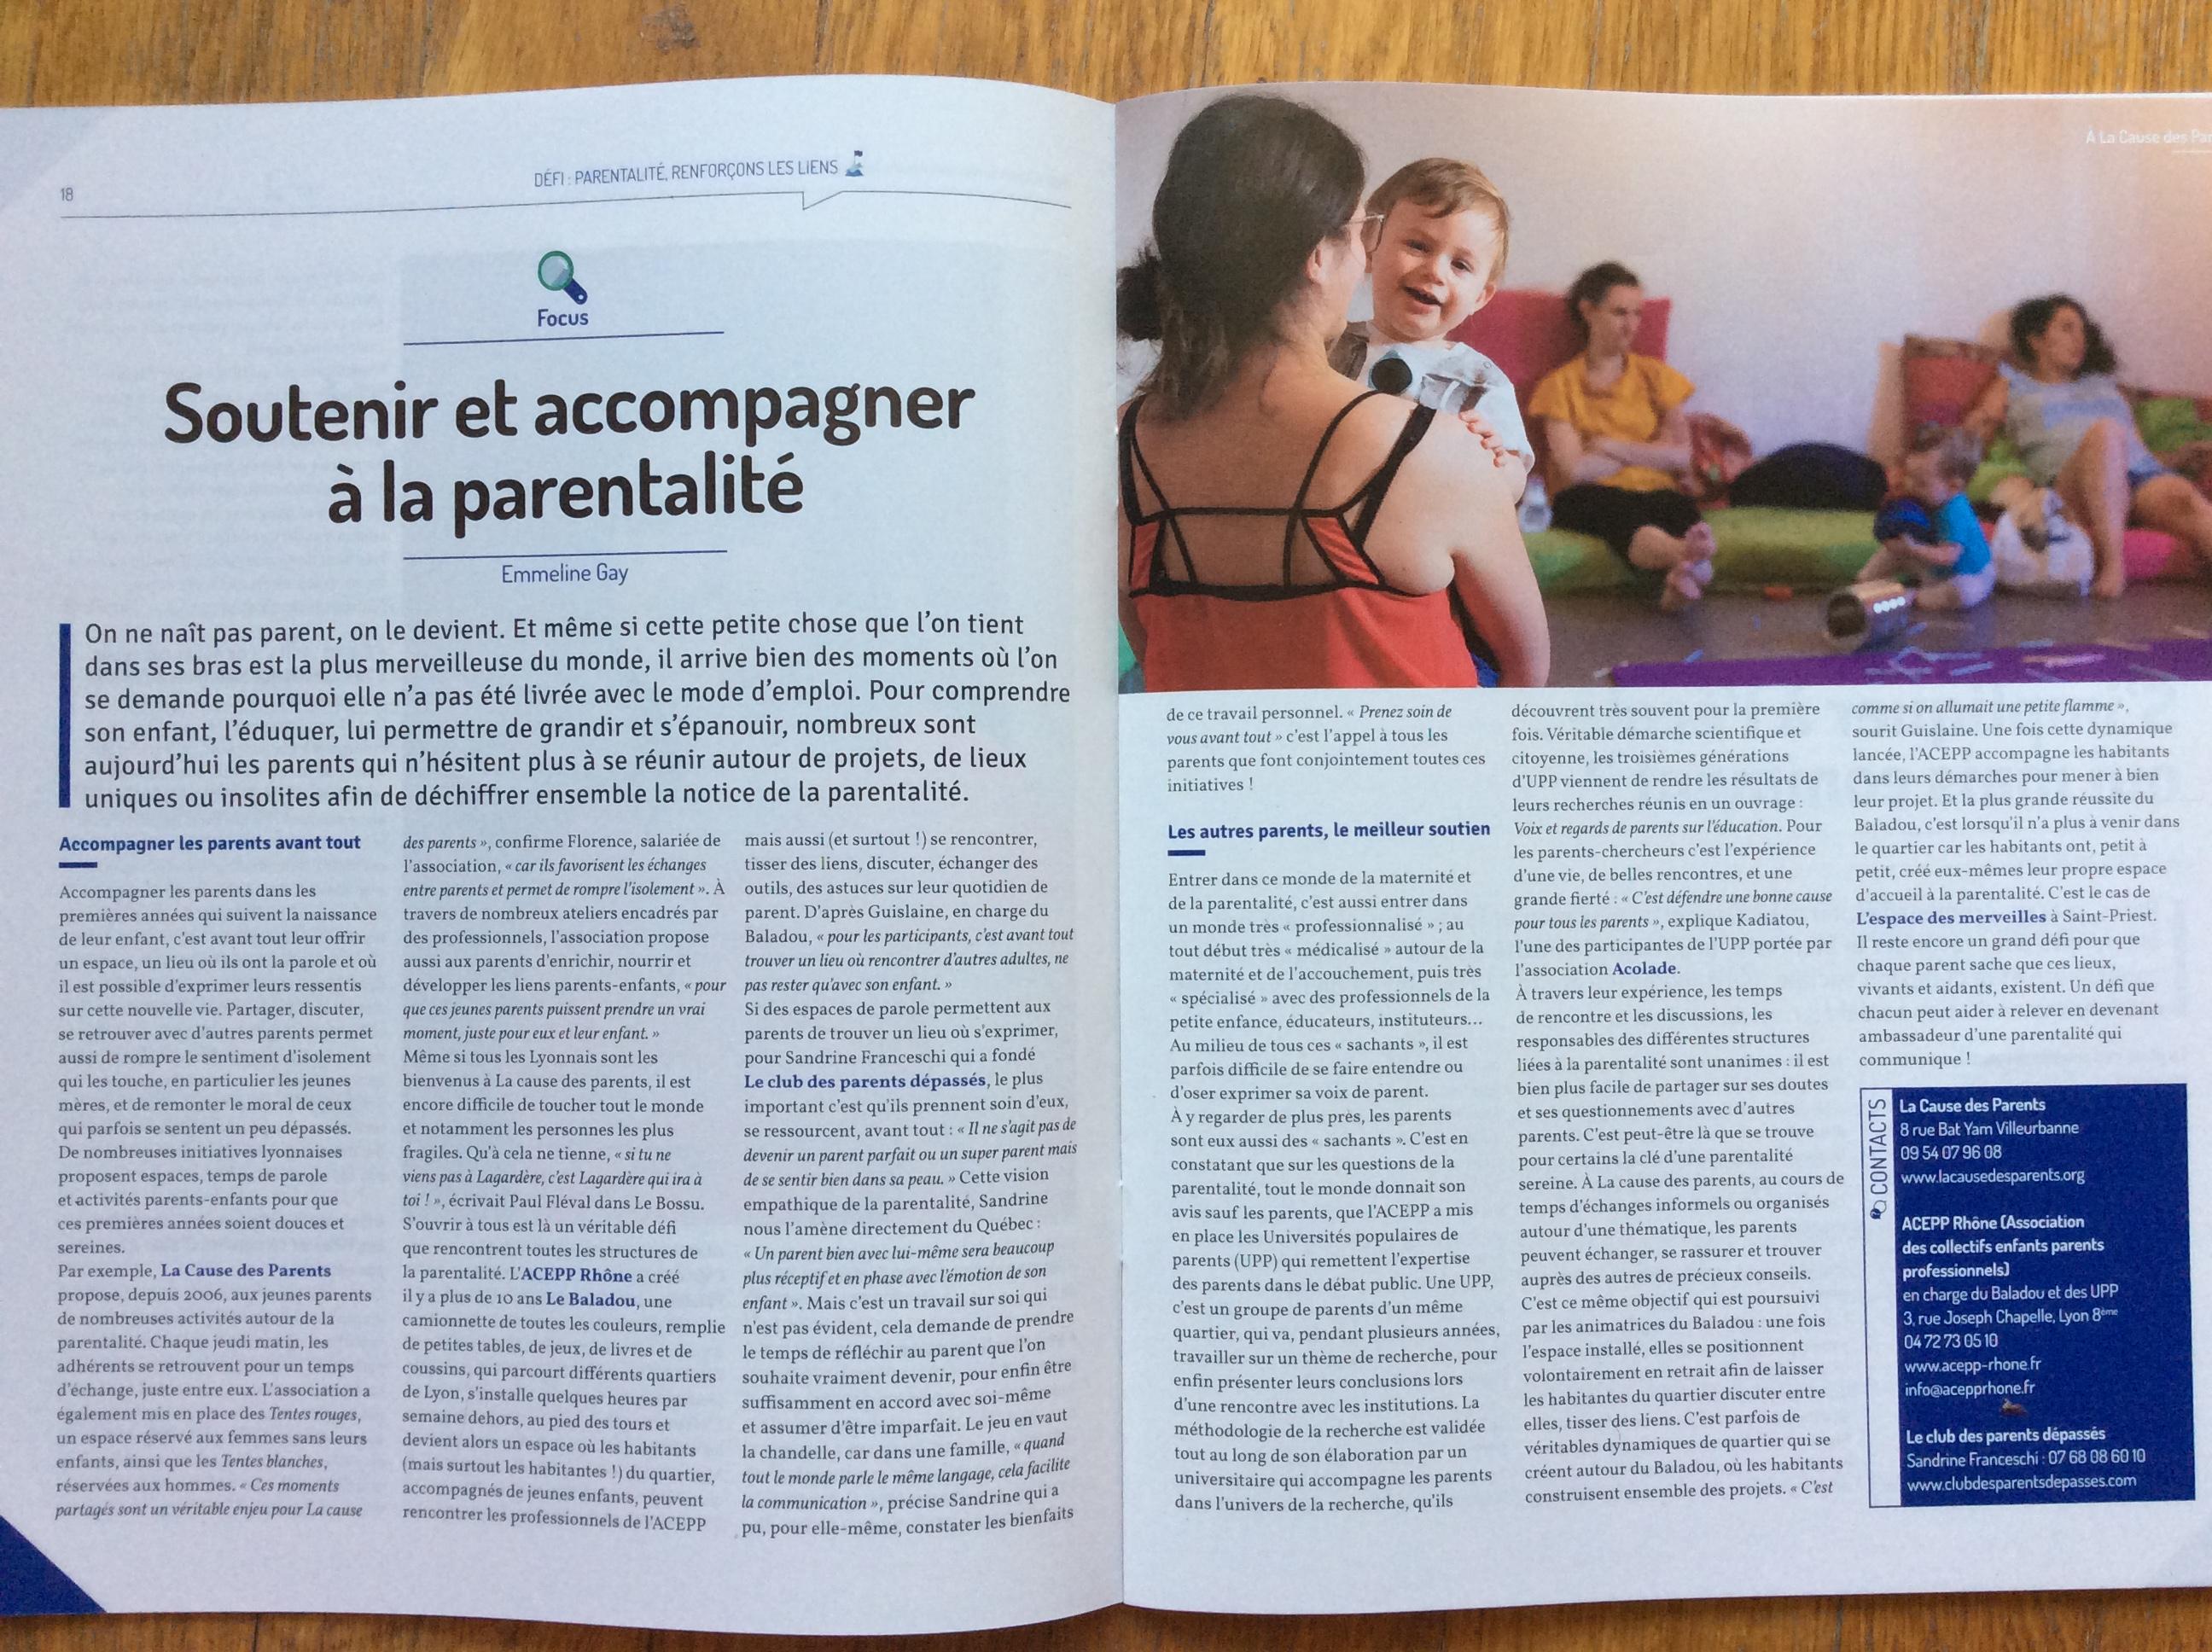 Parentalité Lyon. Discipline positive Lyon. Sandrine Franceschi